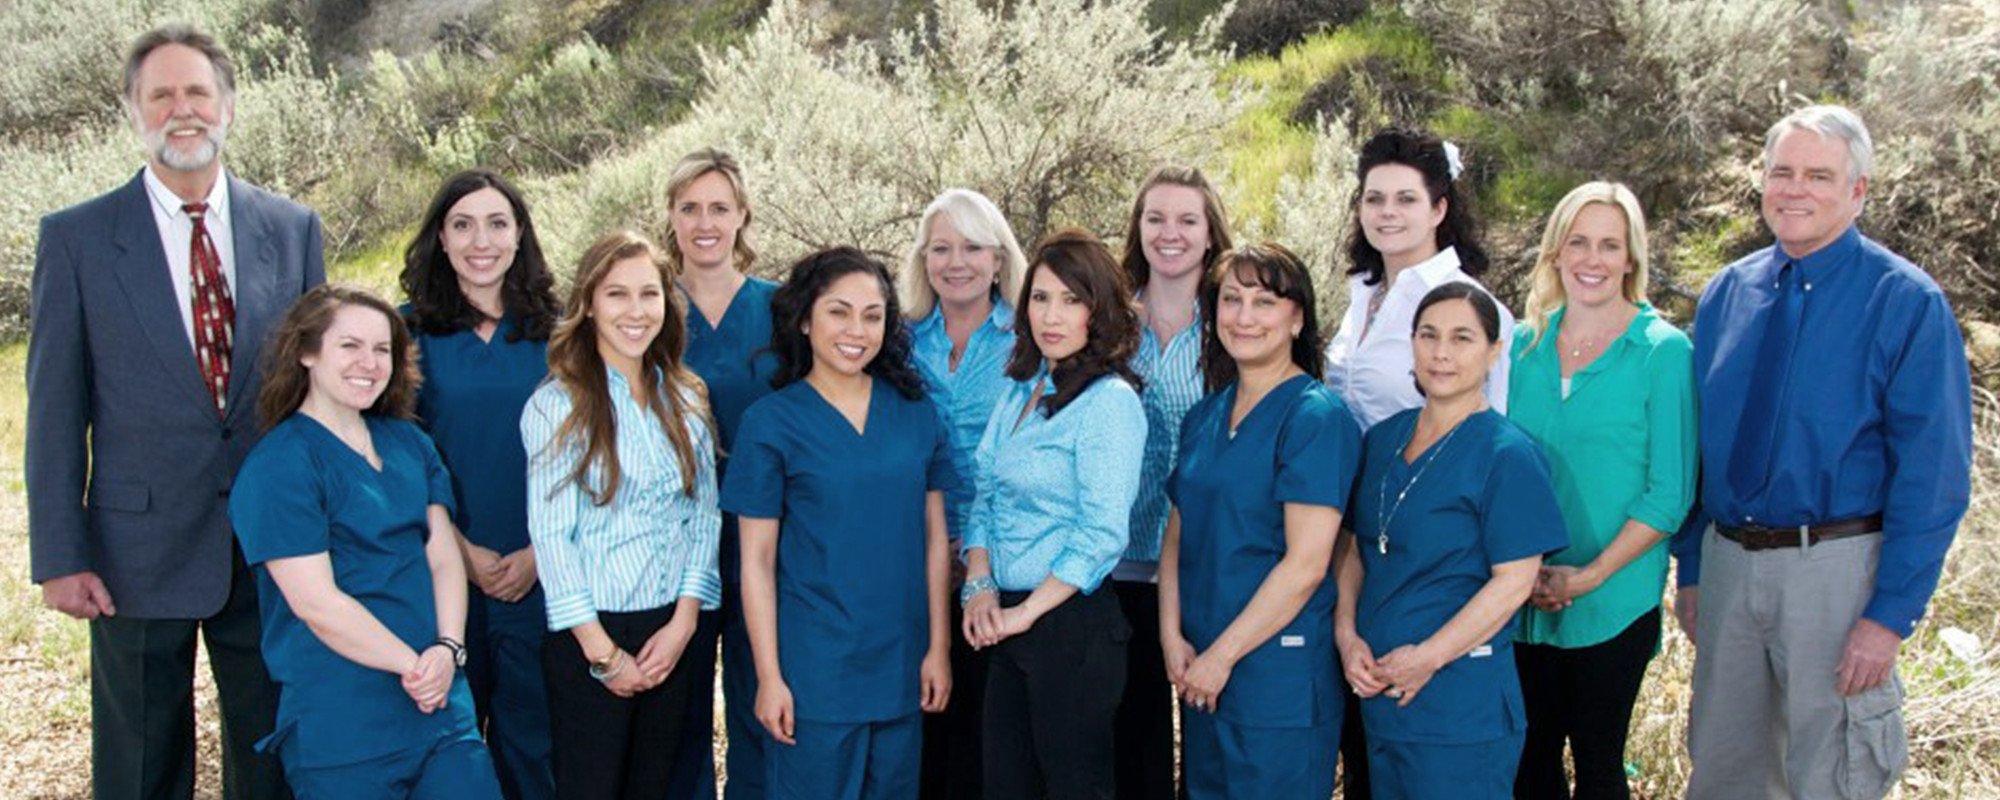 Santa Clarita Valley Dental Care Team